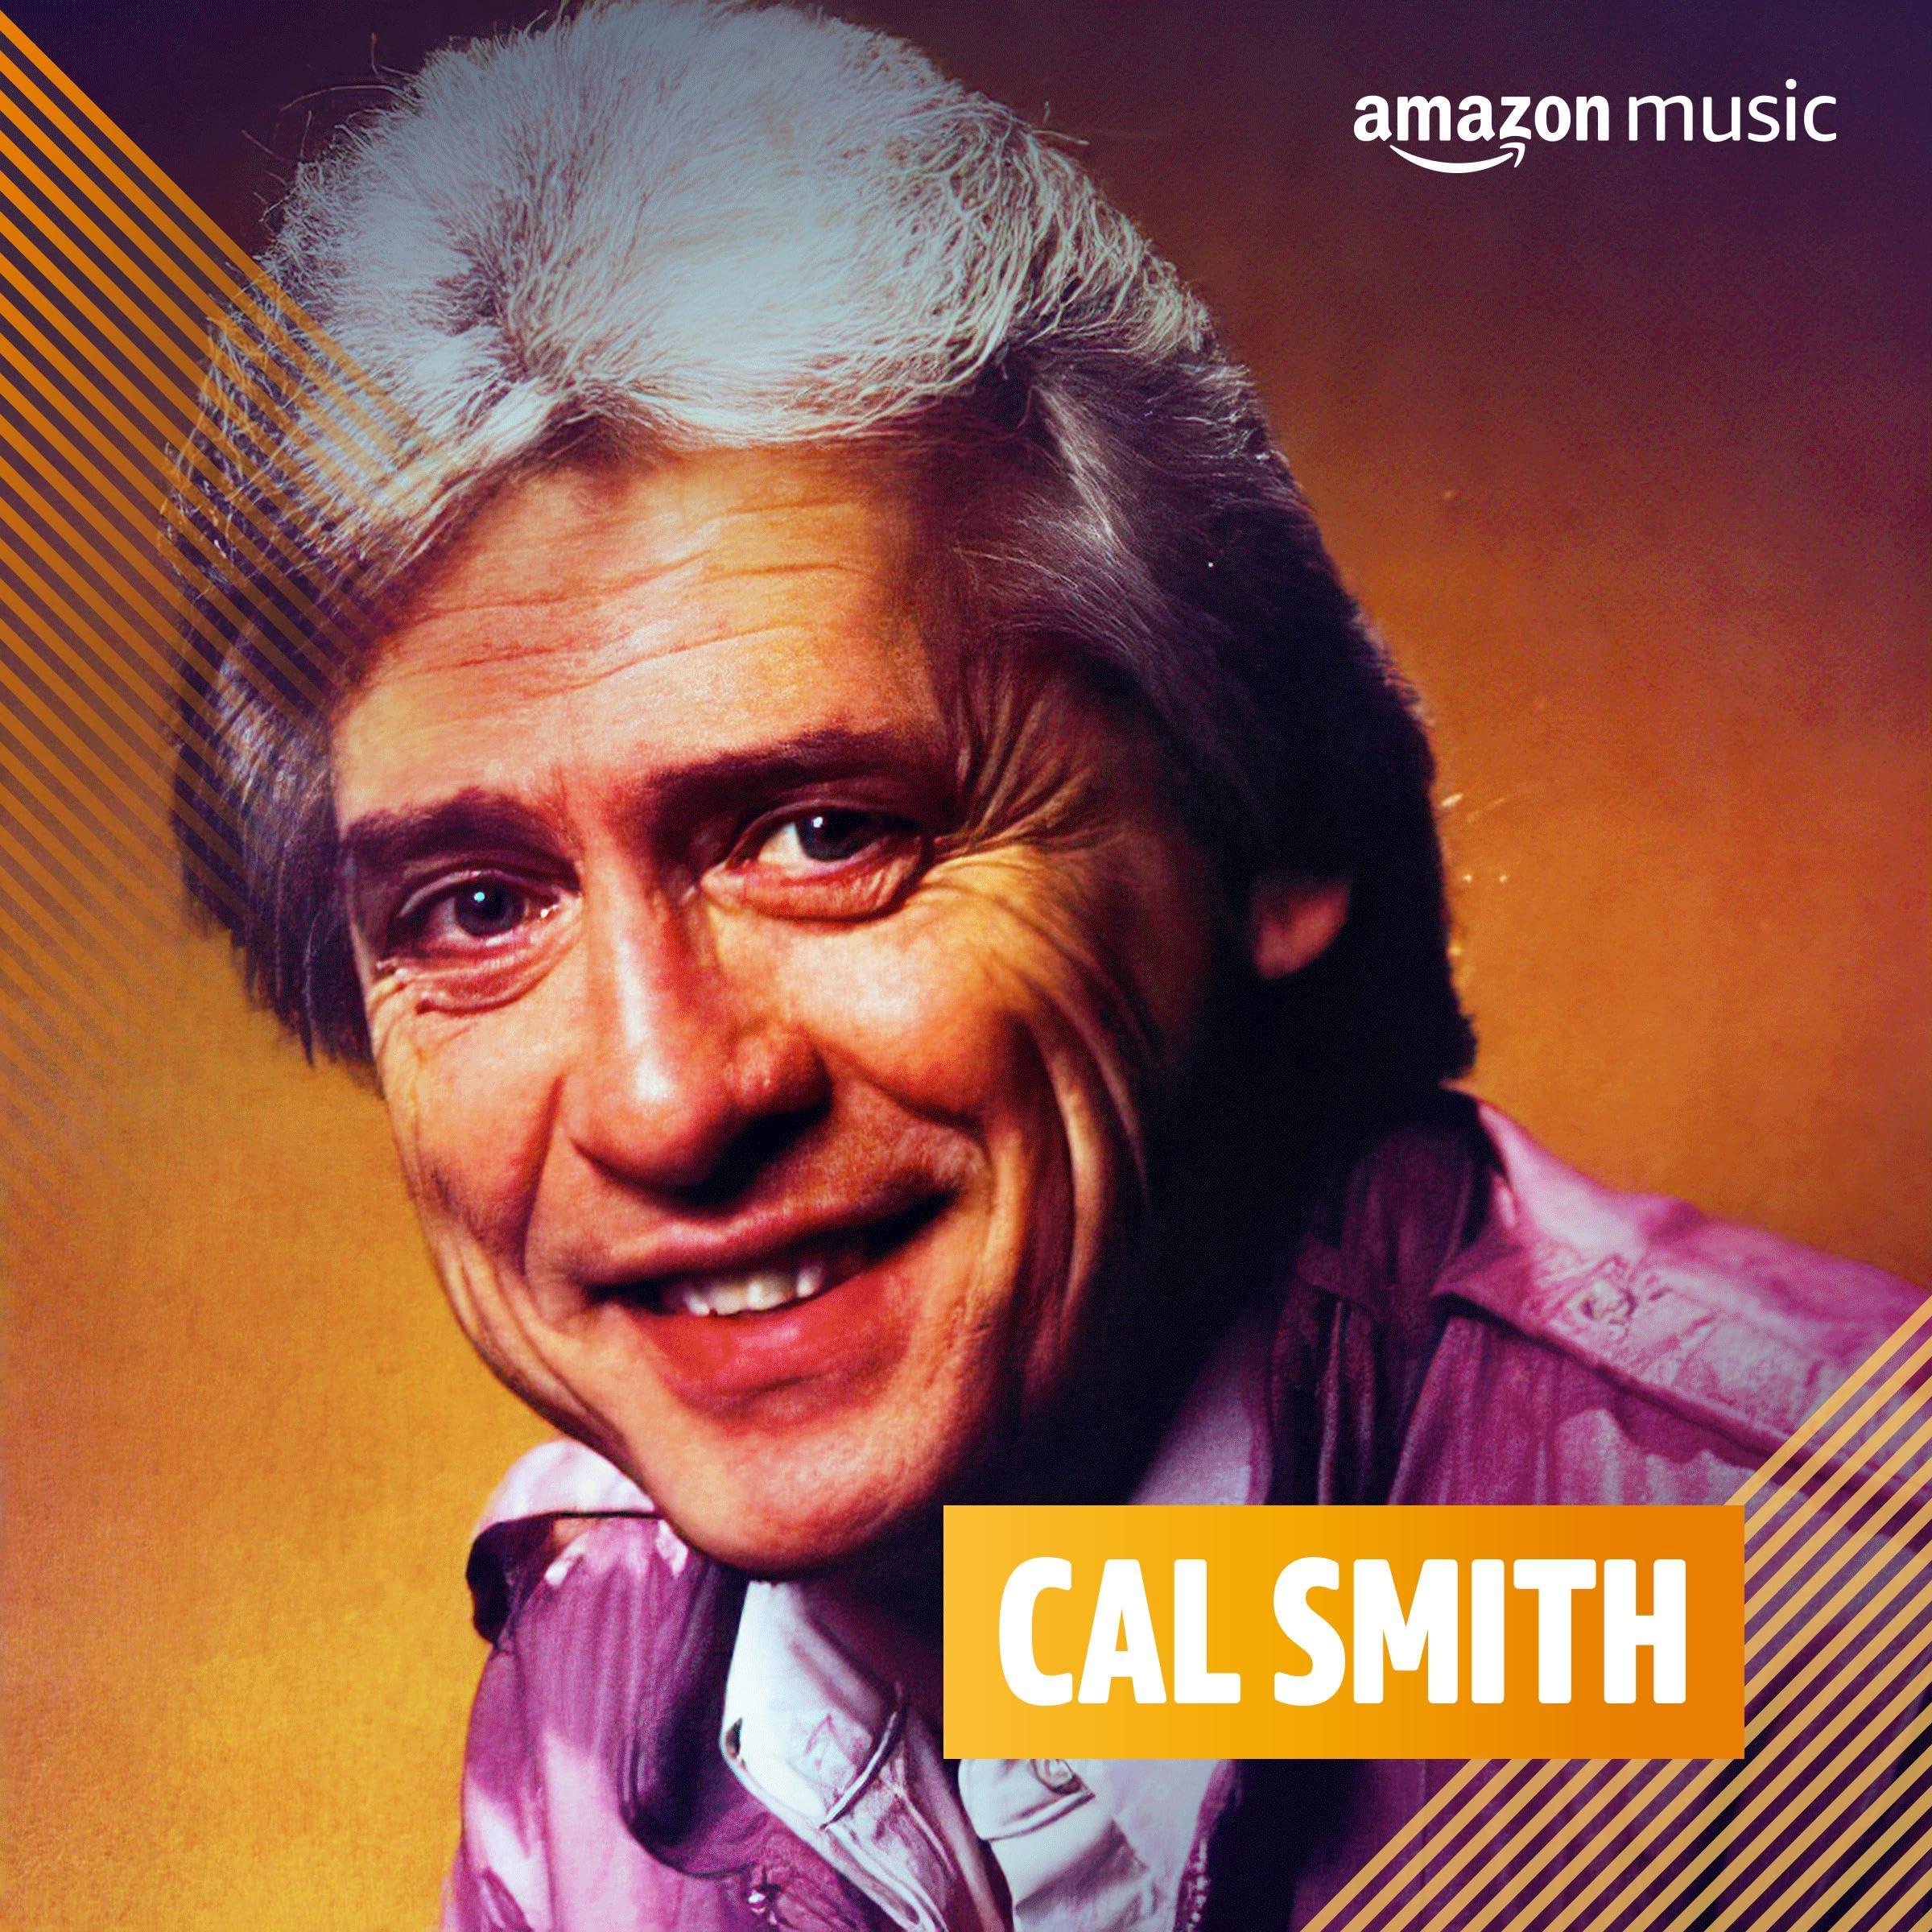 Cal Smith